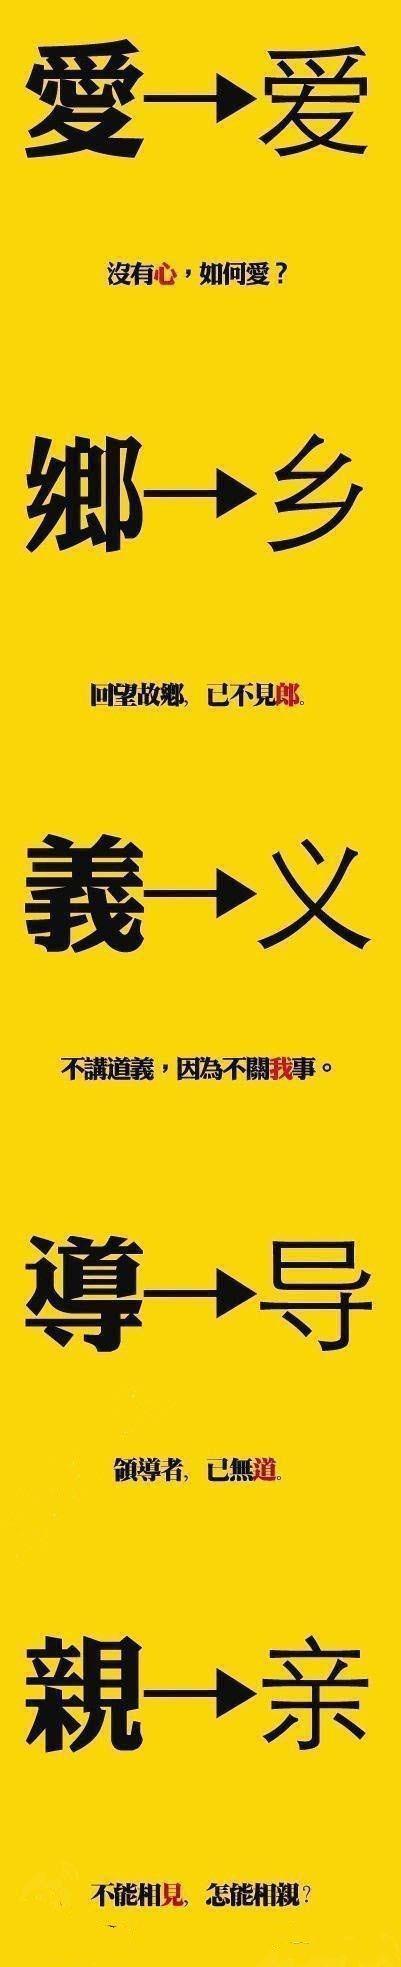 简体字下的中国,到底丢了什么?